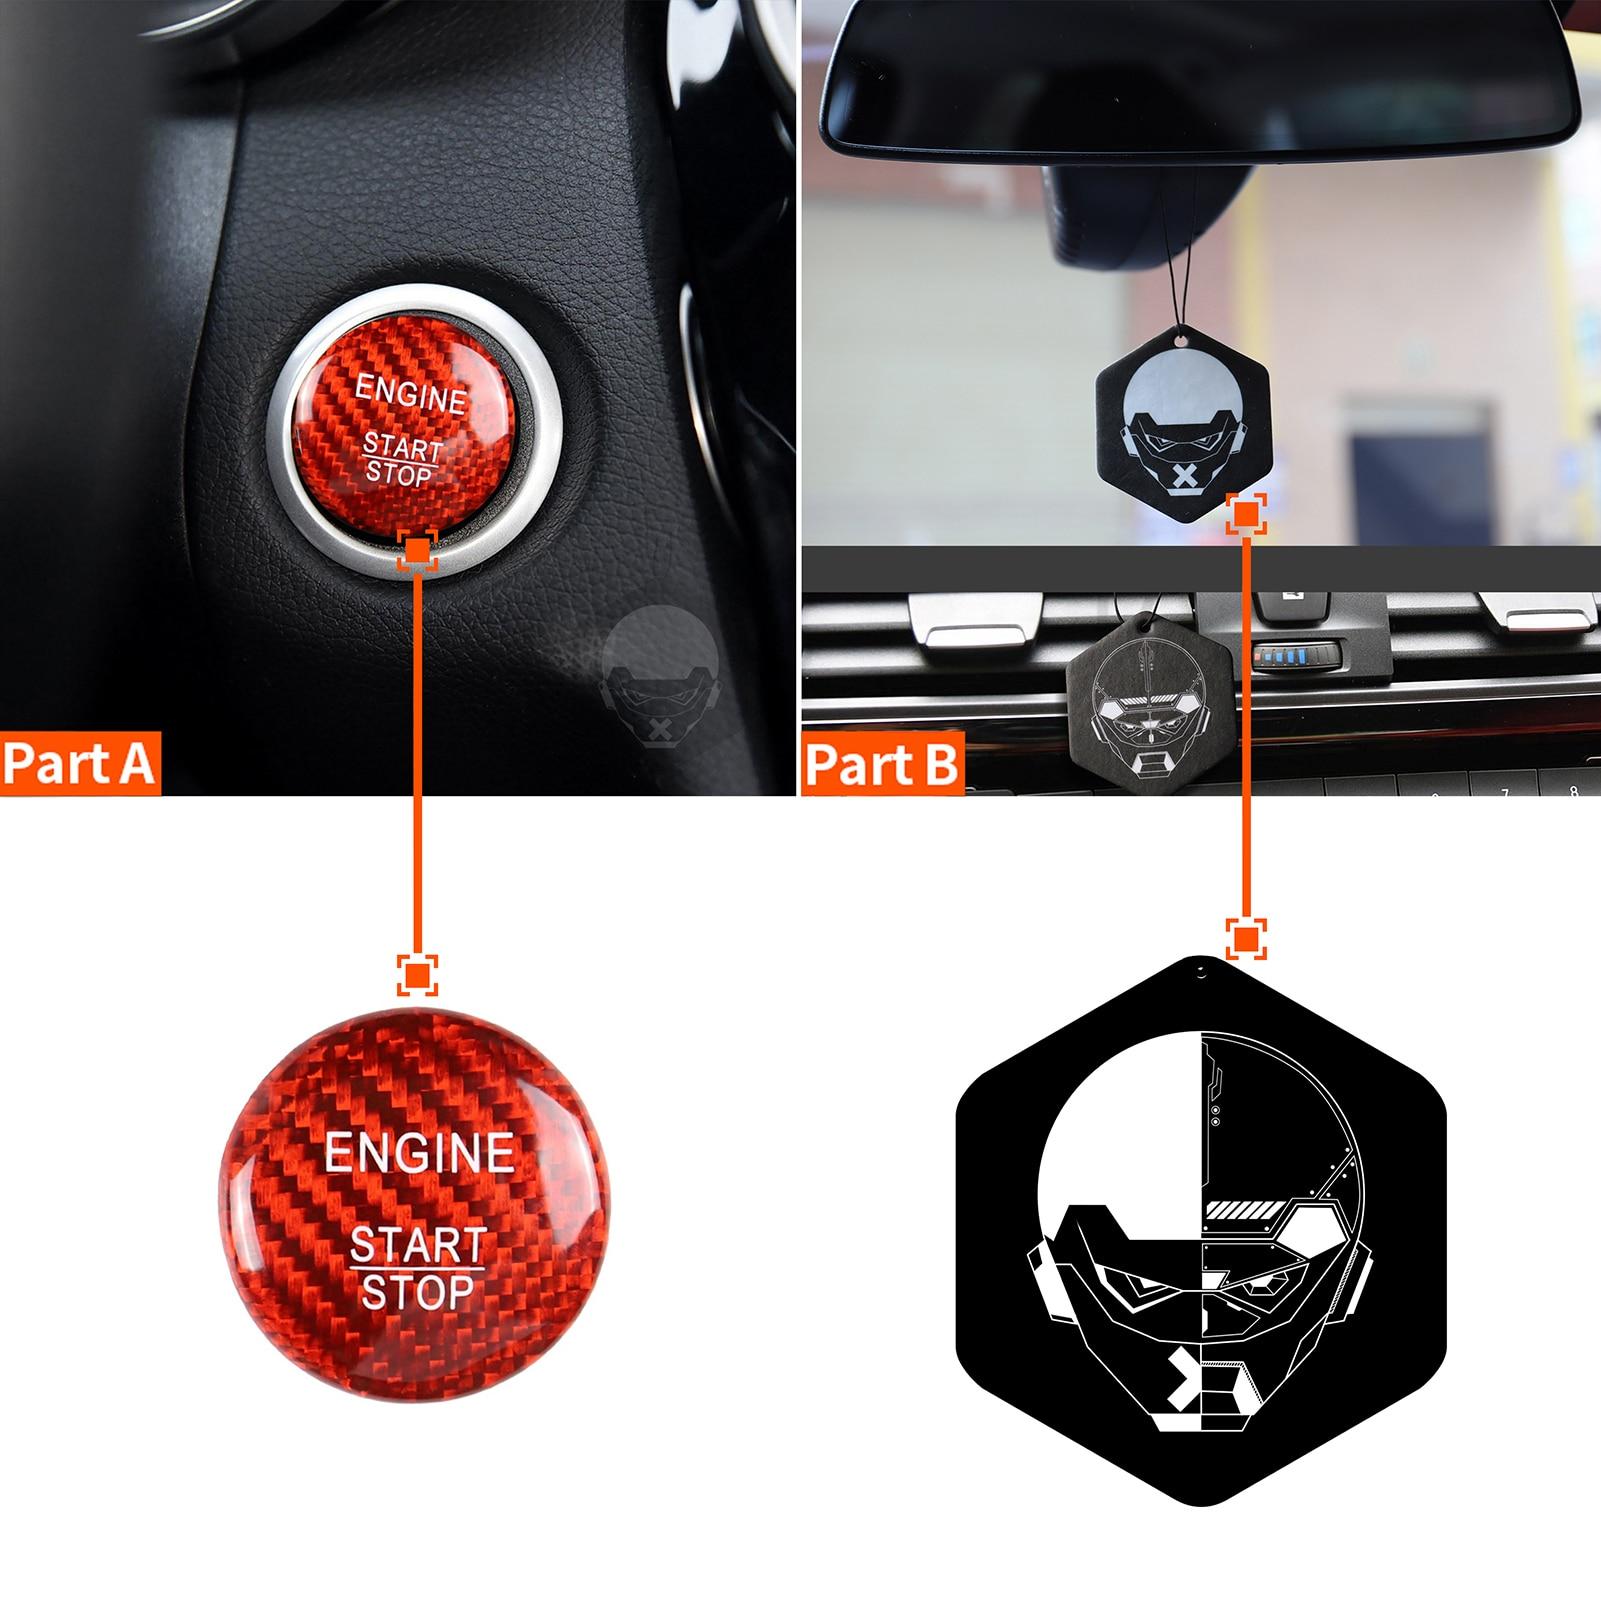 Karbon fiber araba motor çalıştırma durdurma anahtarı düğmesi etiket ateşleme Sticker Mercedes Benz A B C W205 GLC X253 AMG E ML GLE